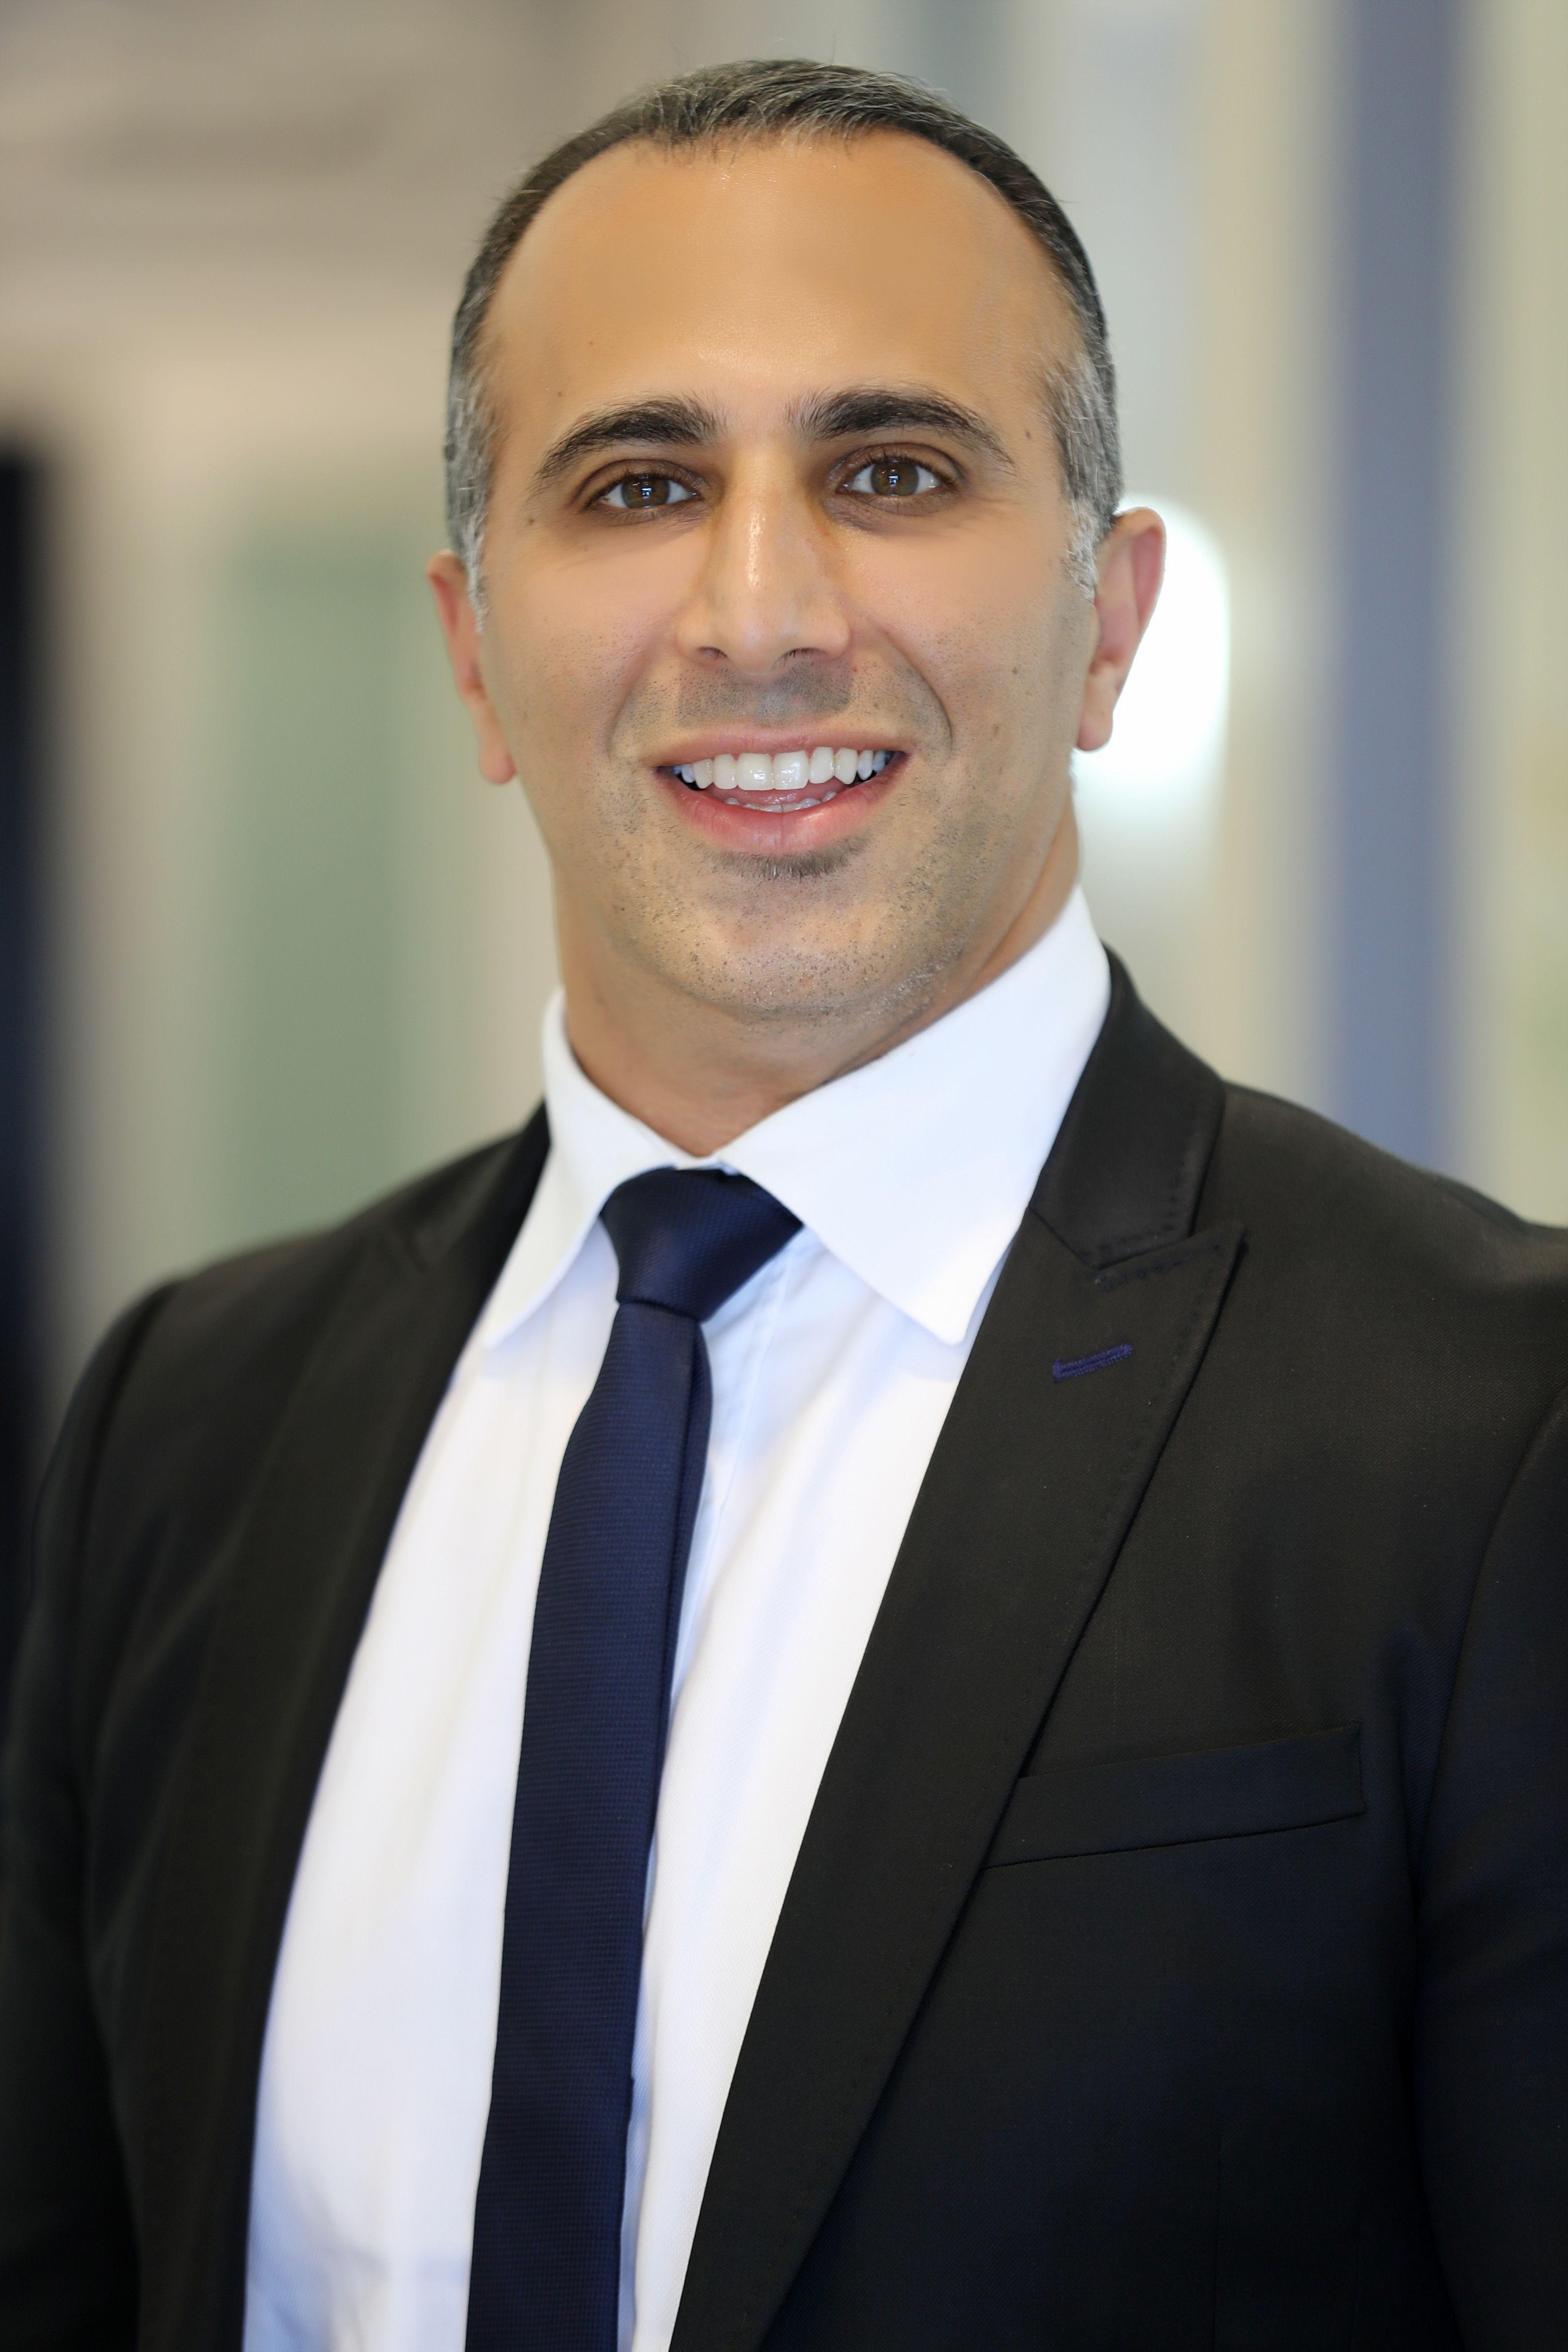 Dr. Ayed Hawatmeh